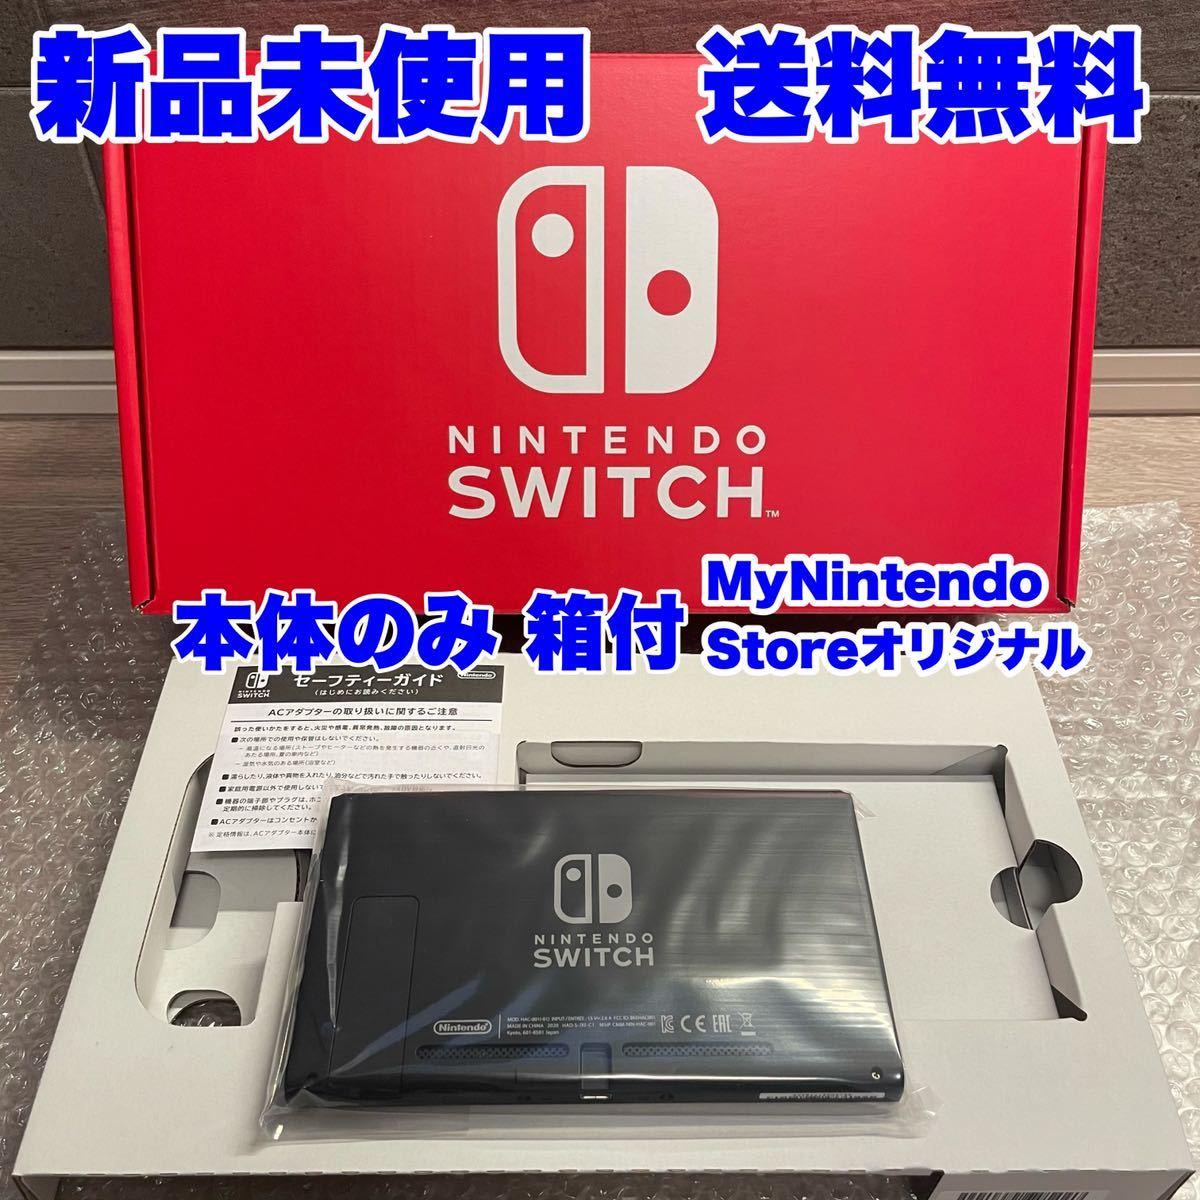 送料無料 新品 未使用 任天堂 スイッチ 本体のみ 箱付 Nintendo Switch ニンテンドー バッテリー 拡張版 新モデル 令和3年2月購入証明書付